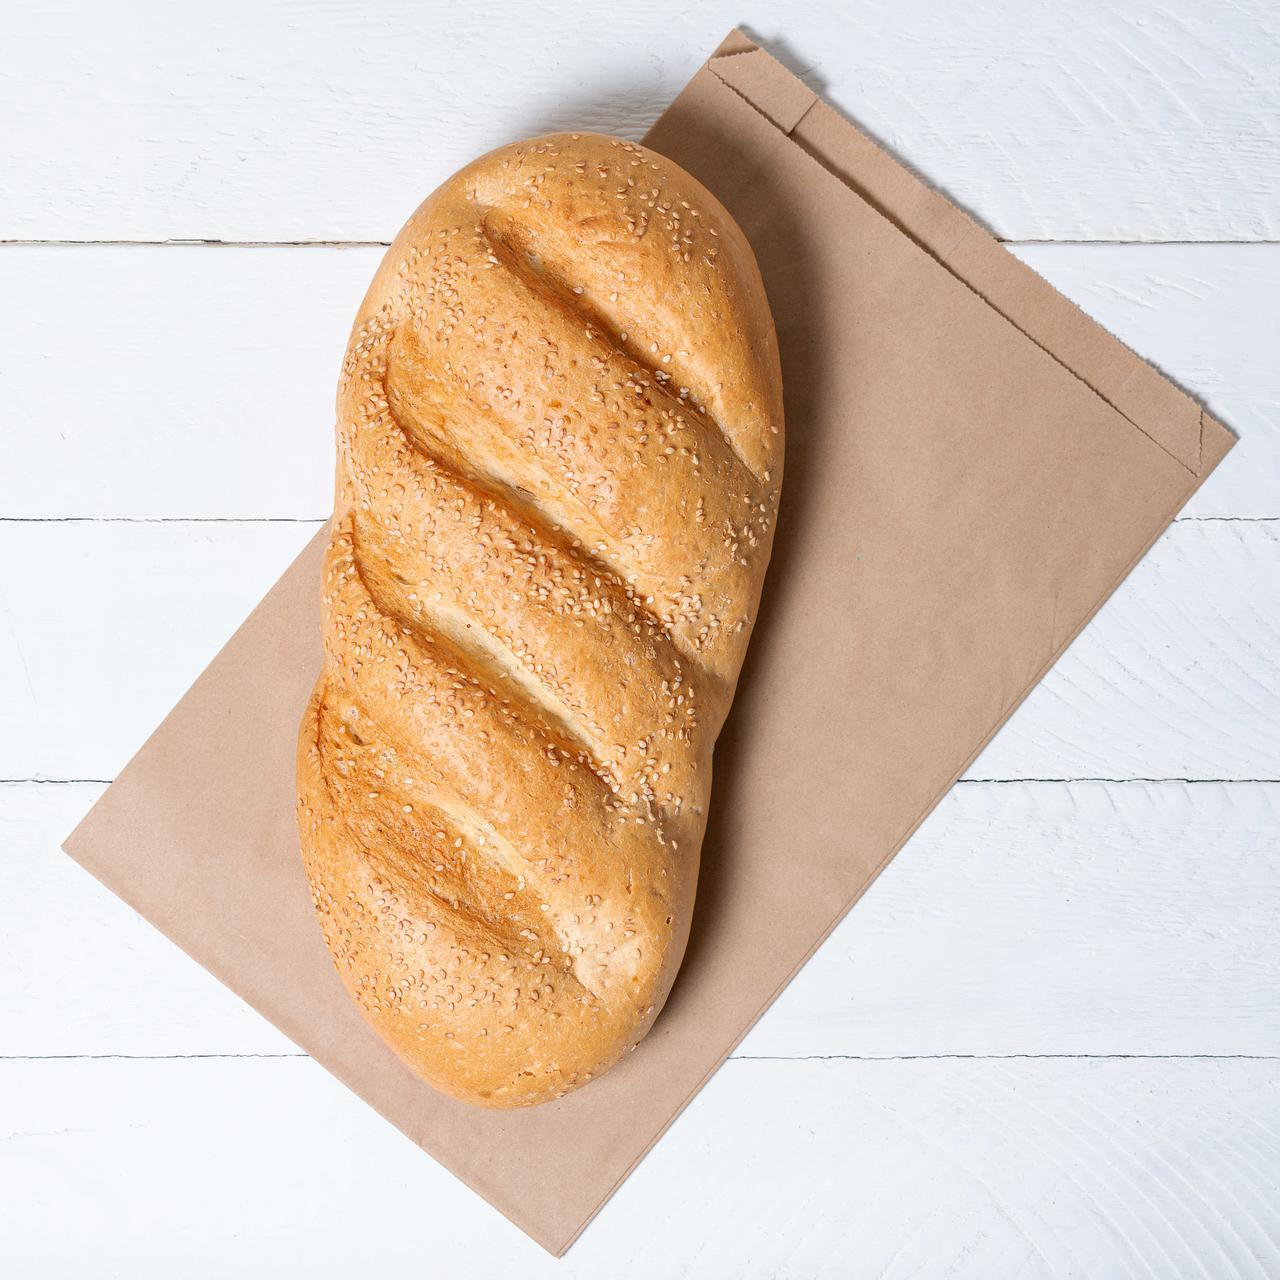 Бумажный упаковочный пакет для хлеба 220*60*340 мм крафт пакет бурый